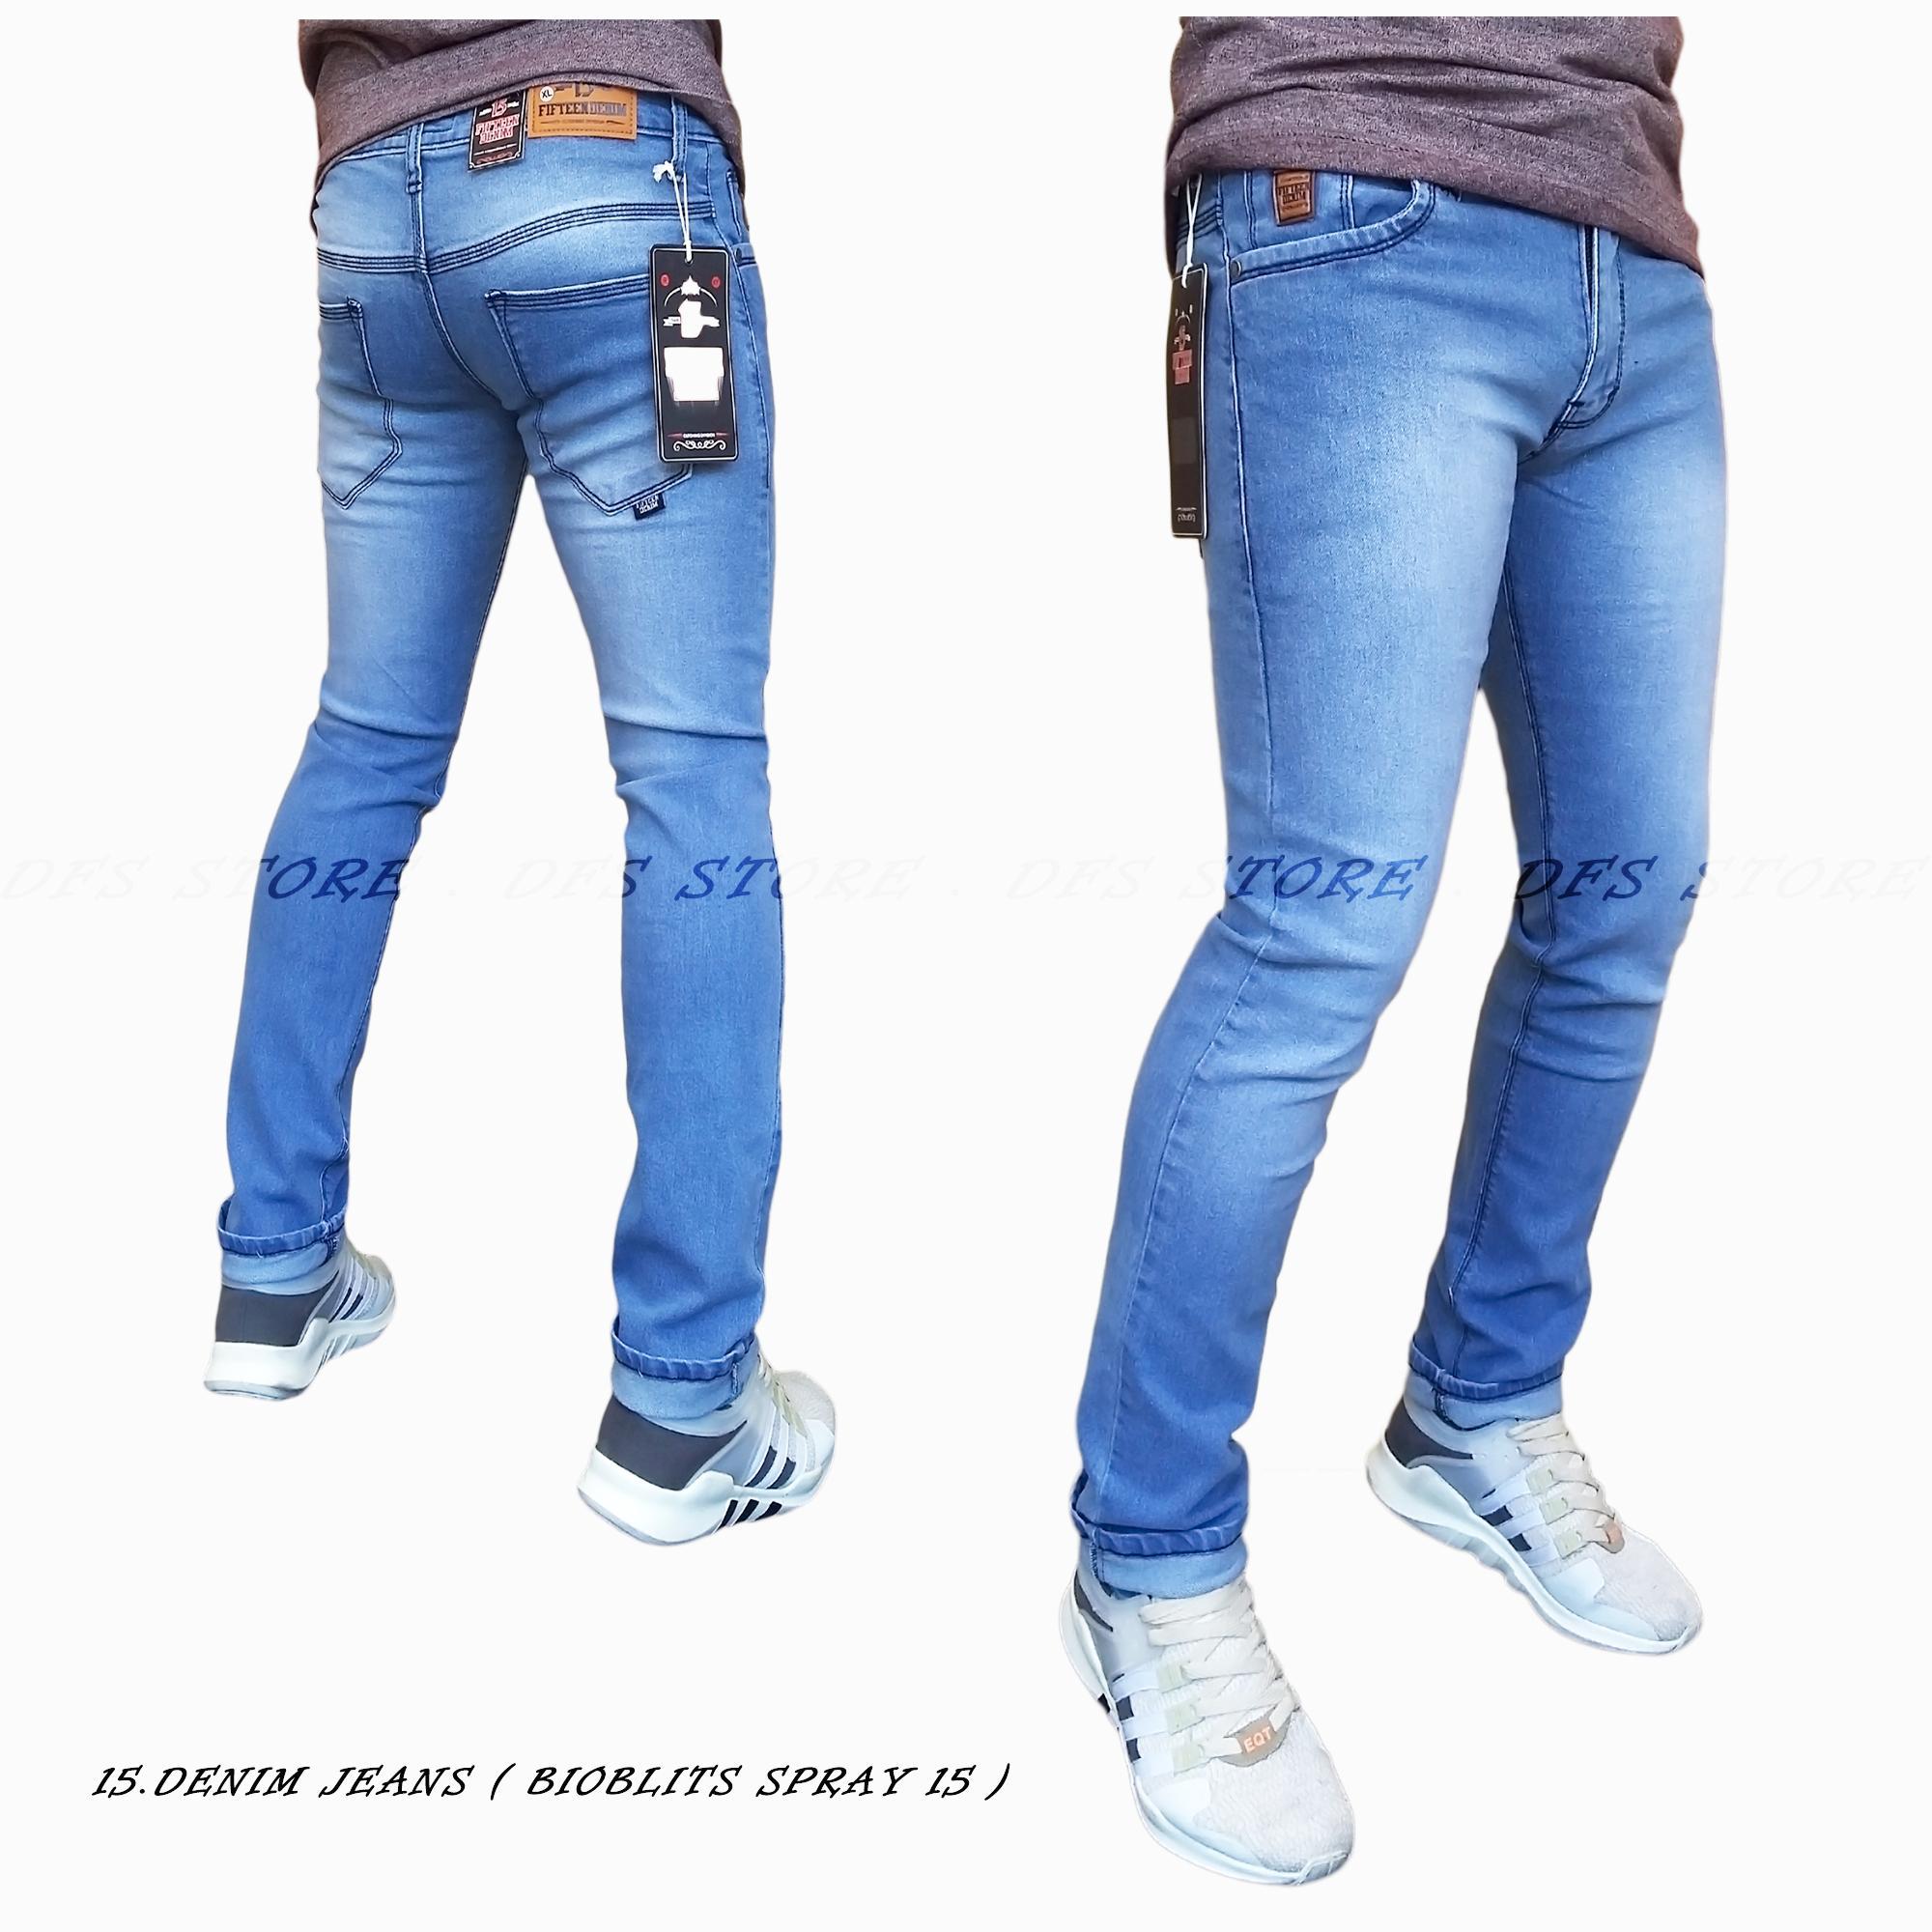 DFS-51.15DENIM Celana jeans denim skinny / slimfit / pensil pria – BIOBLITS SPRAY